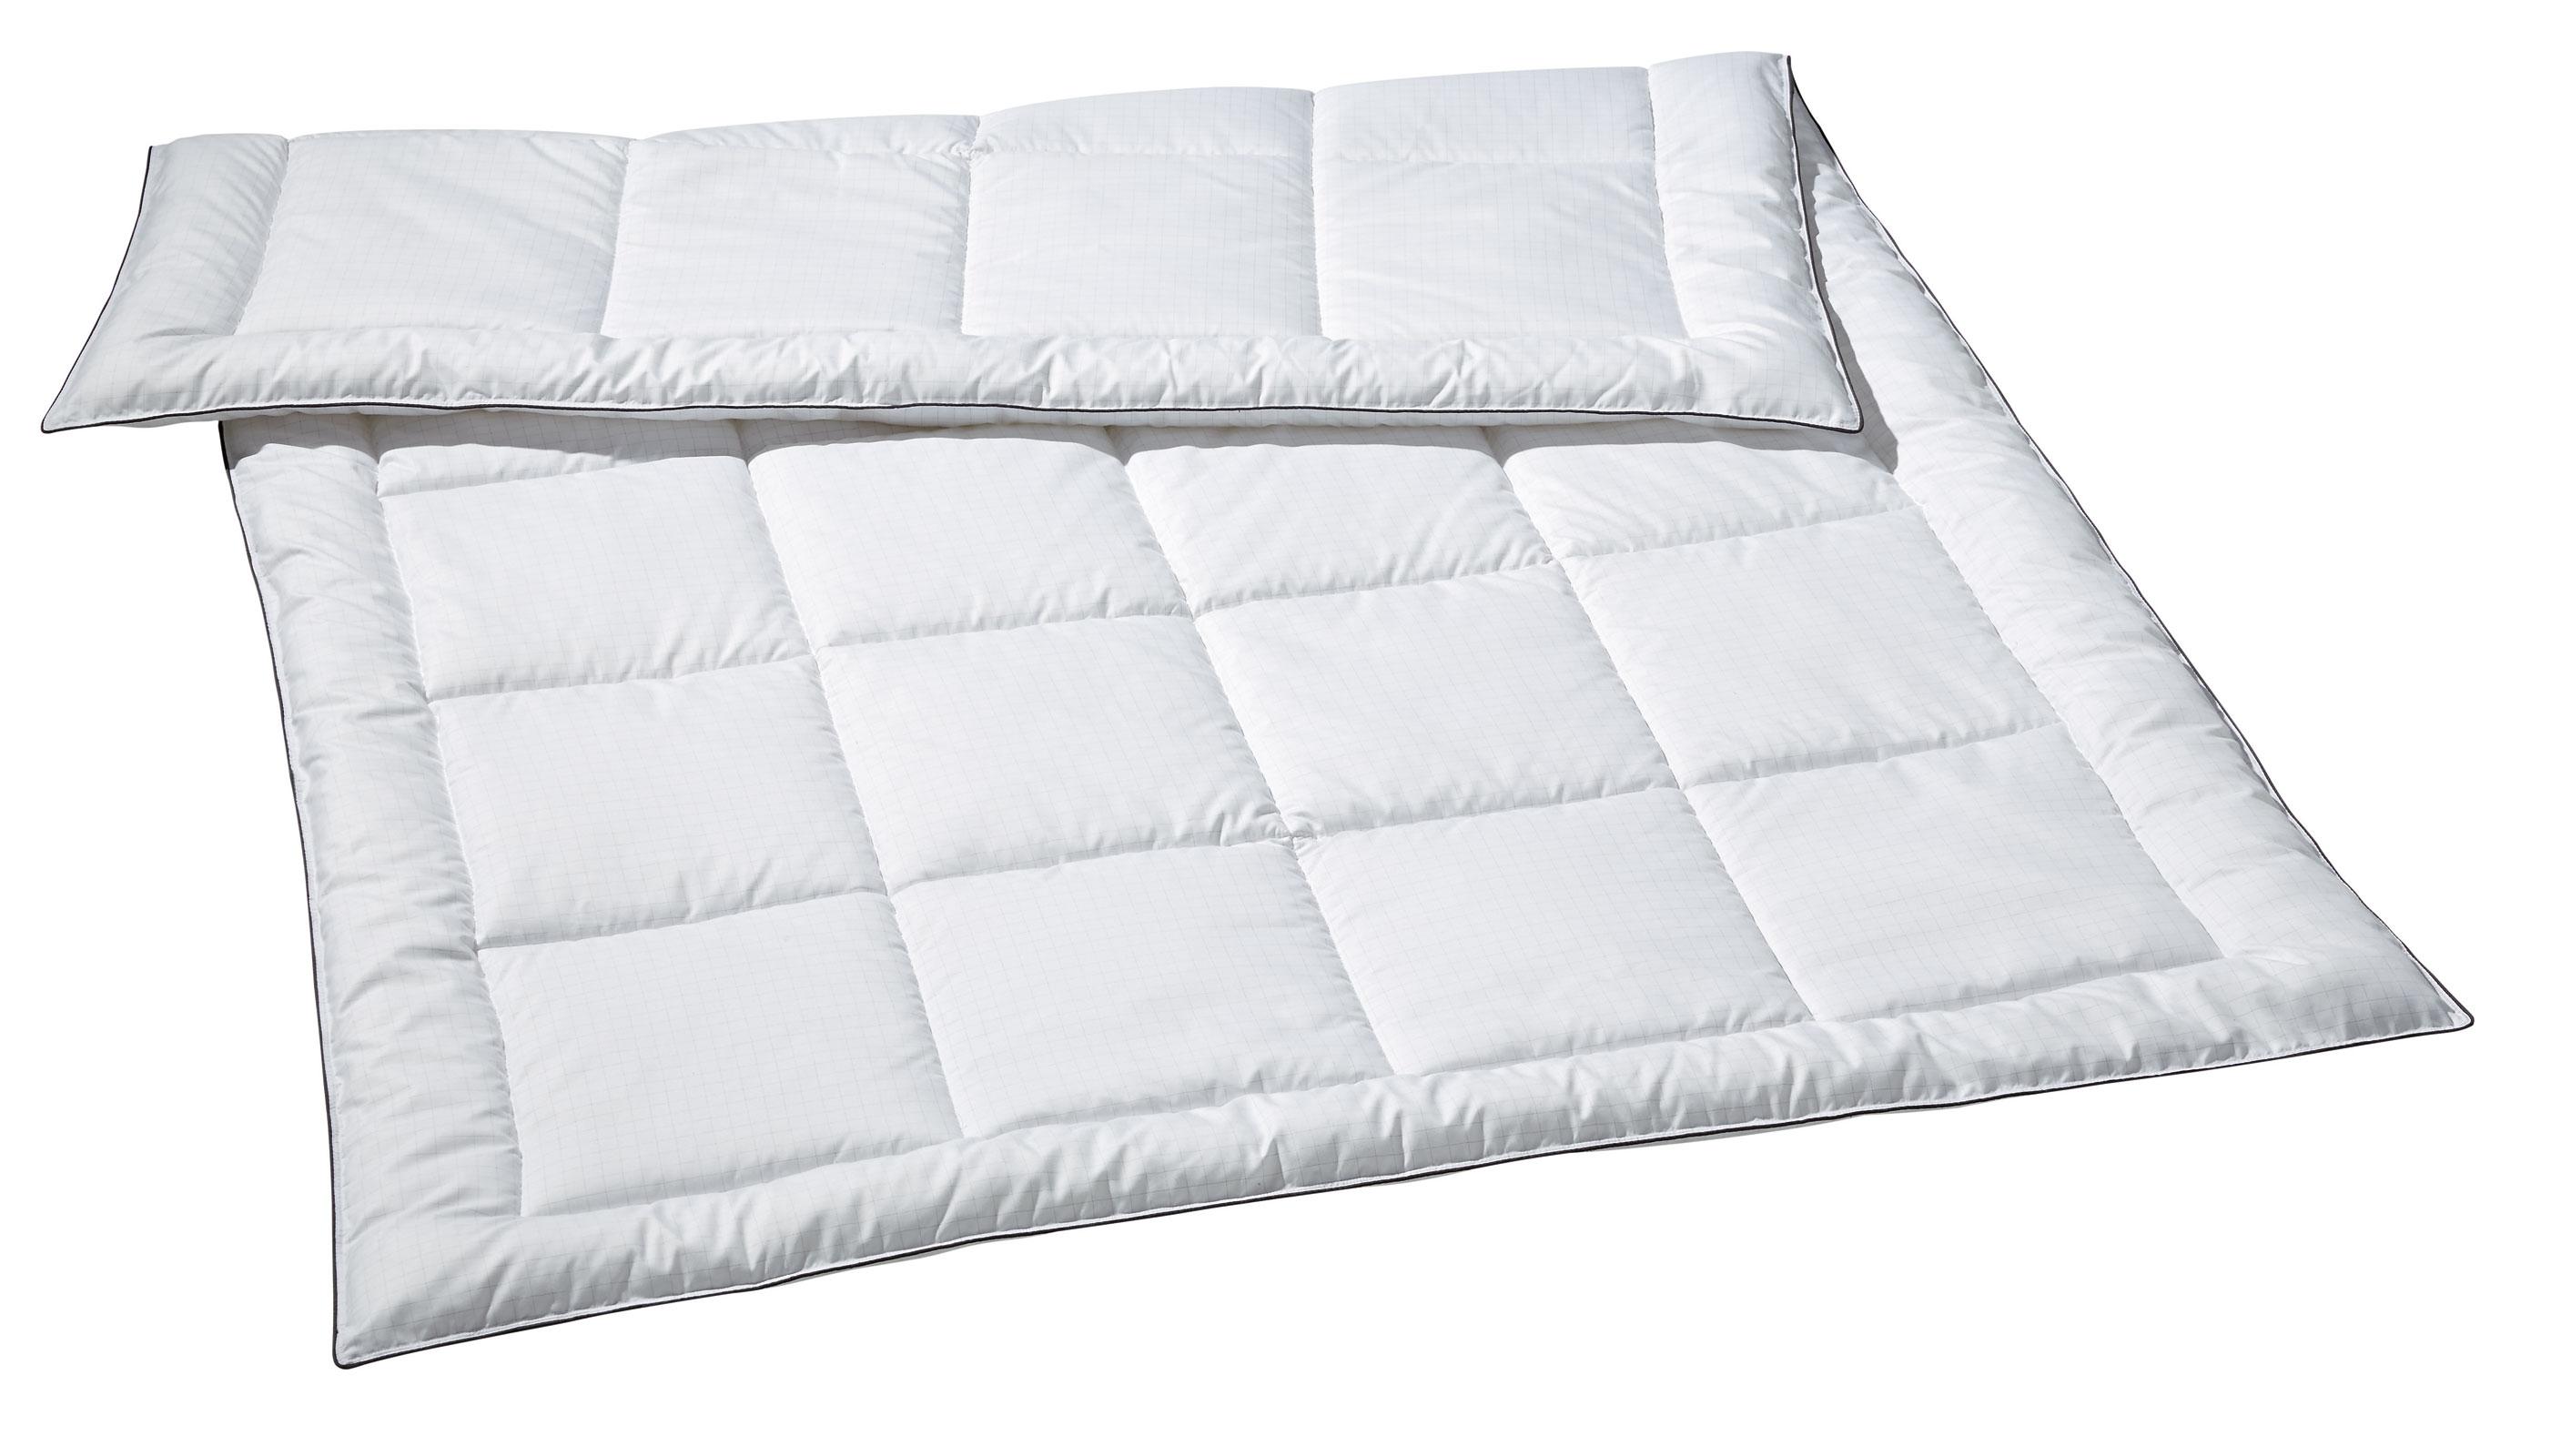 Bettdecken und Kopfkissen - Sommerdecke Sommer Bettdecke Carbon Edition Opti Dream 135x200  - Onlineshop PremiumShop321